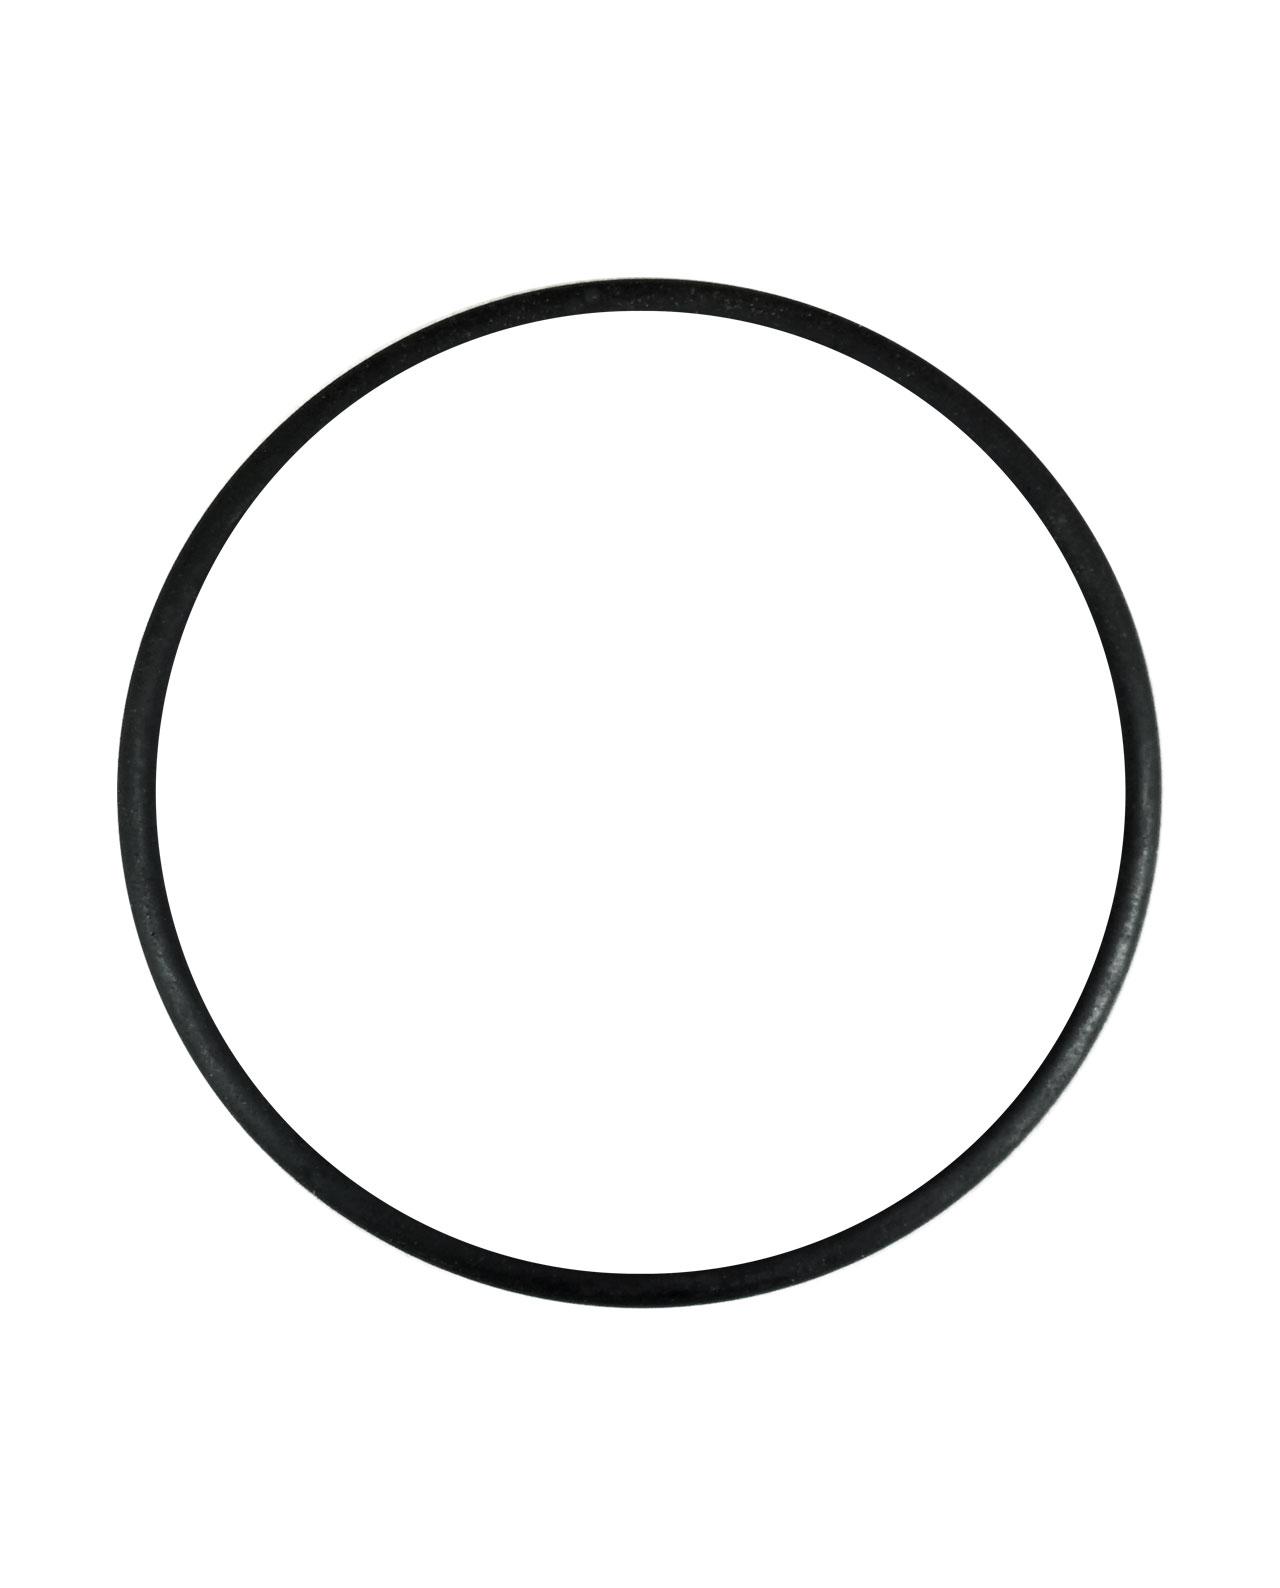 Cap O Ring J042